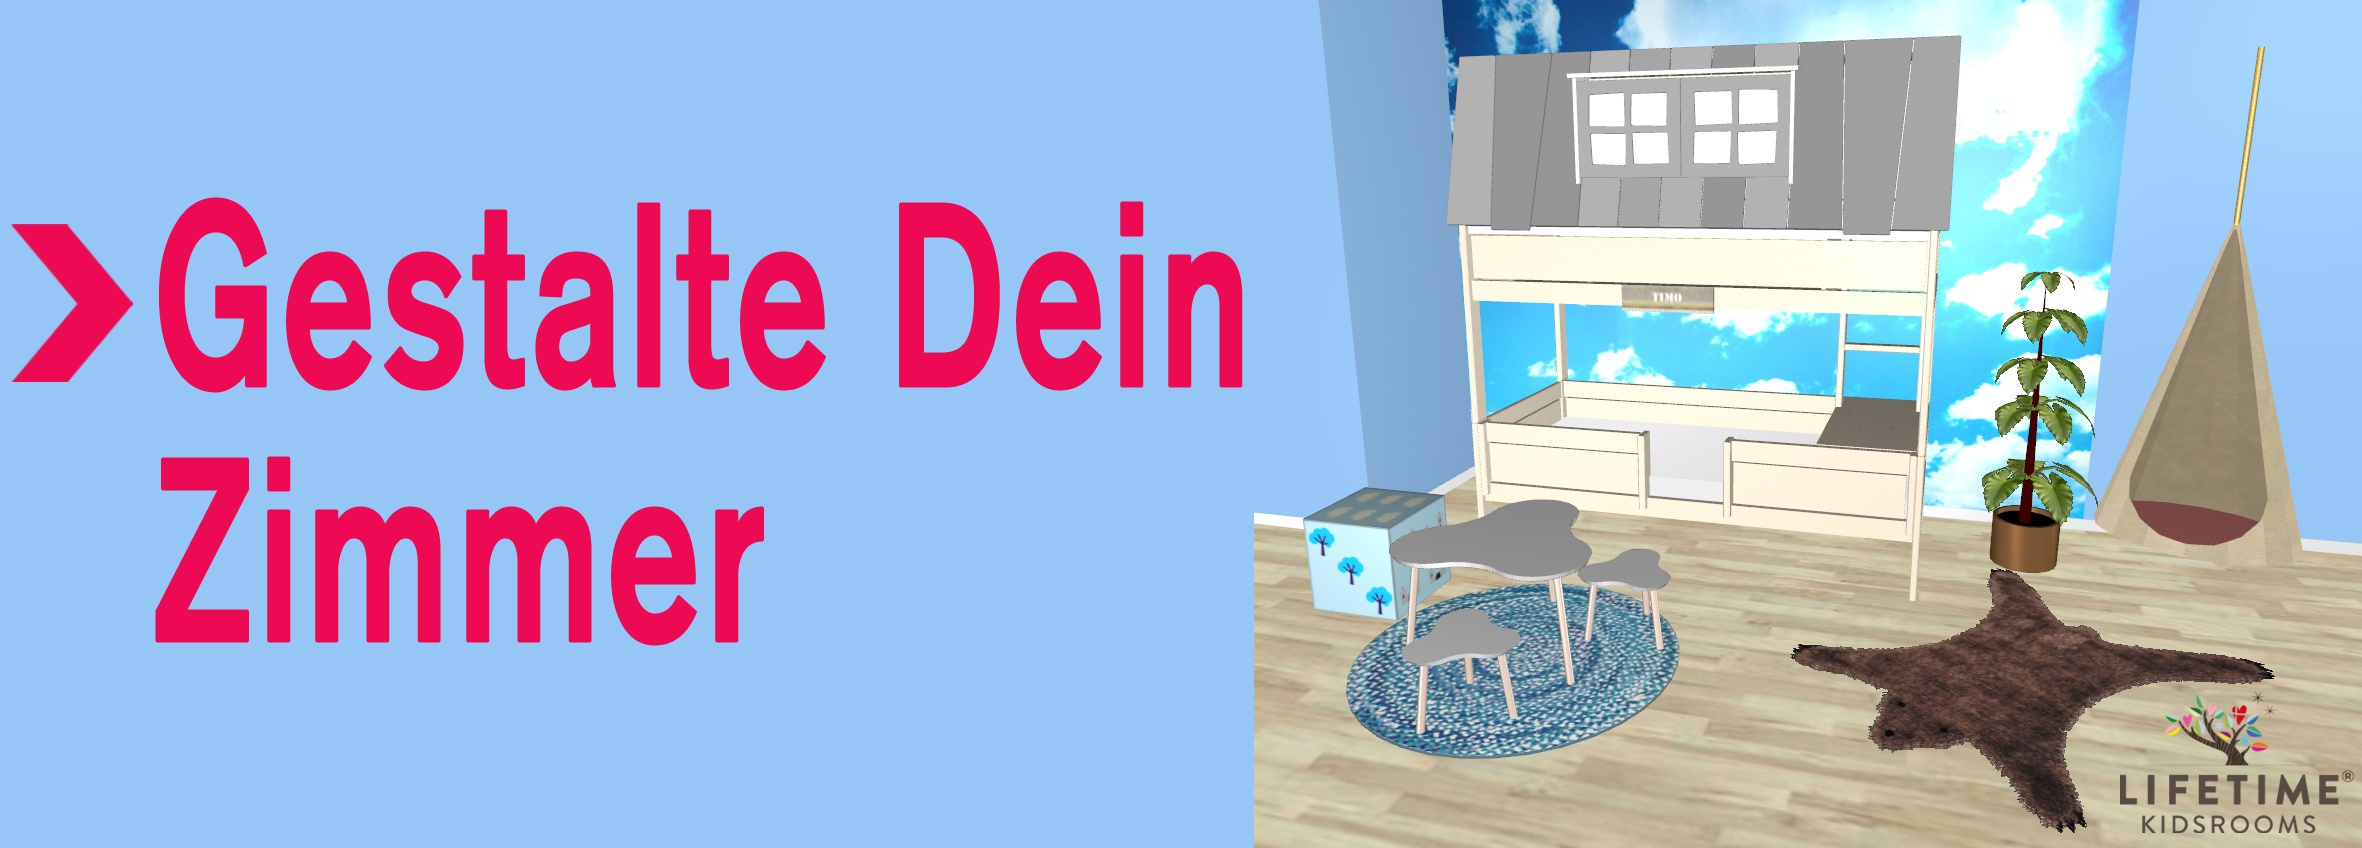 Lifetime Kindermöbel lifetime kidsrooms sortiment bei möbel schaller in der ausstellung